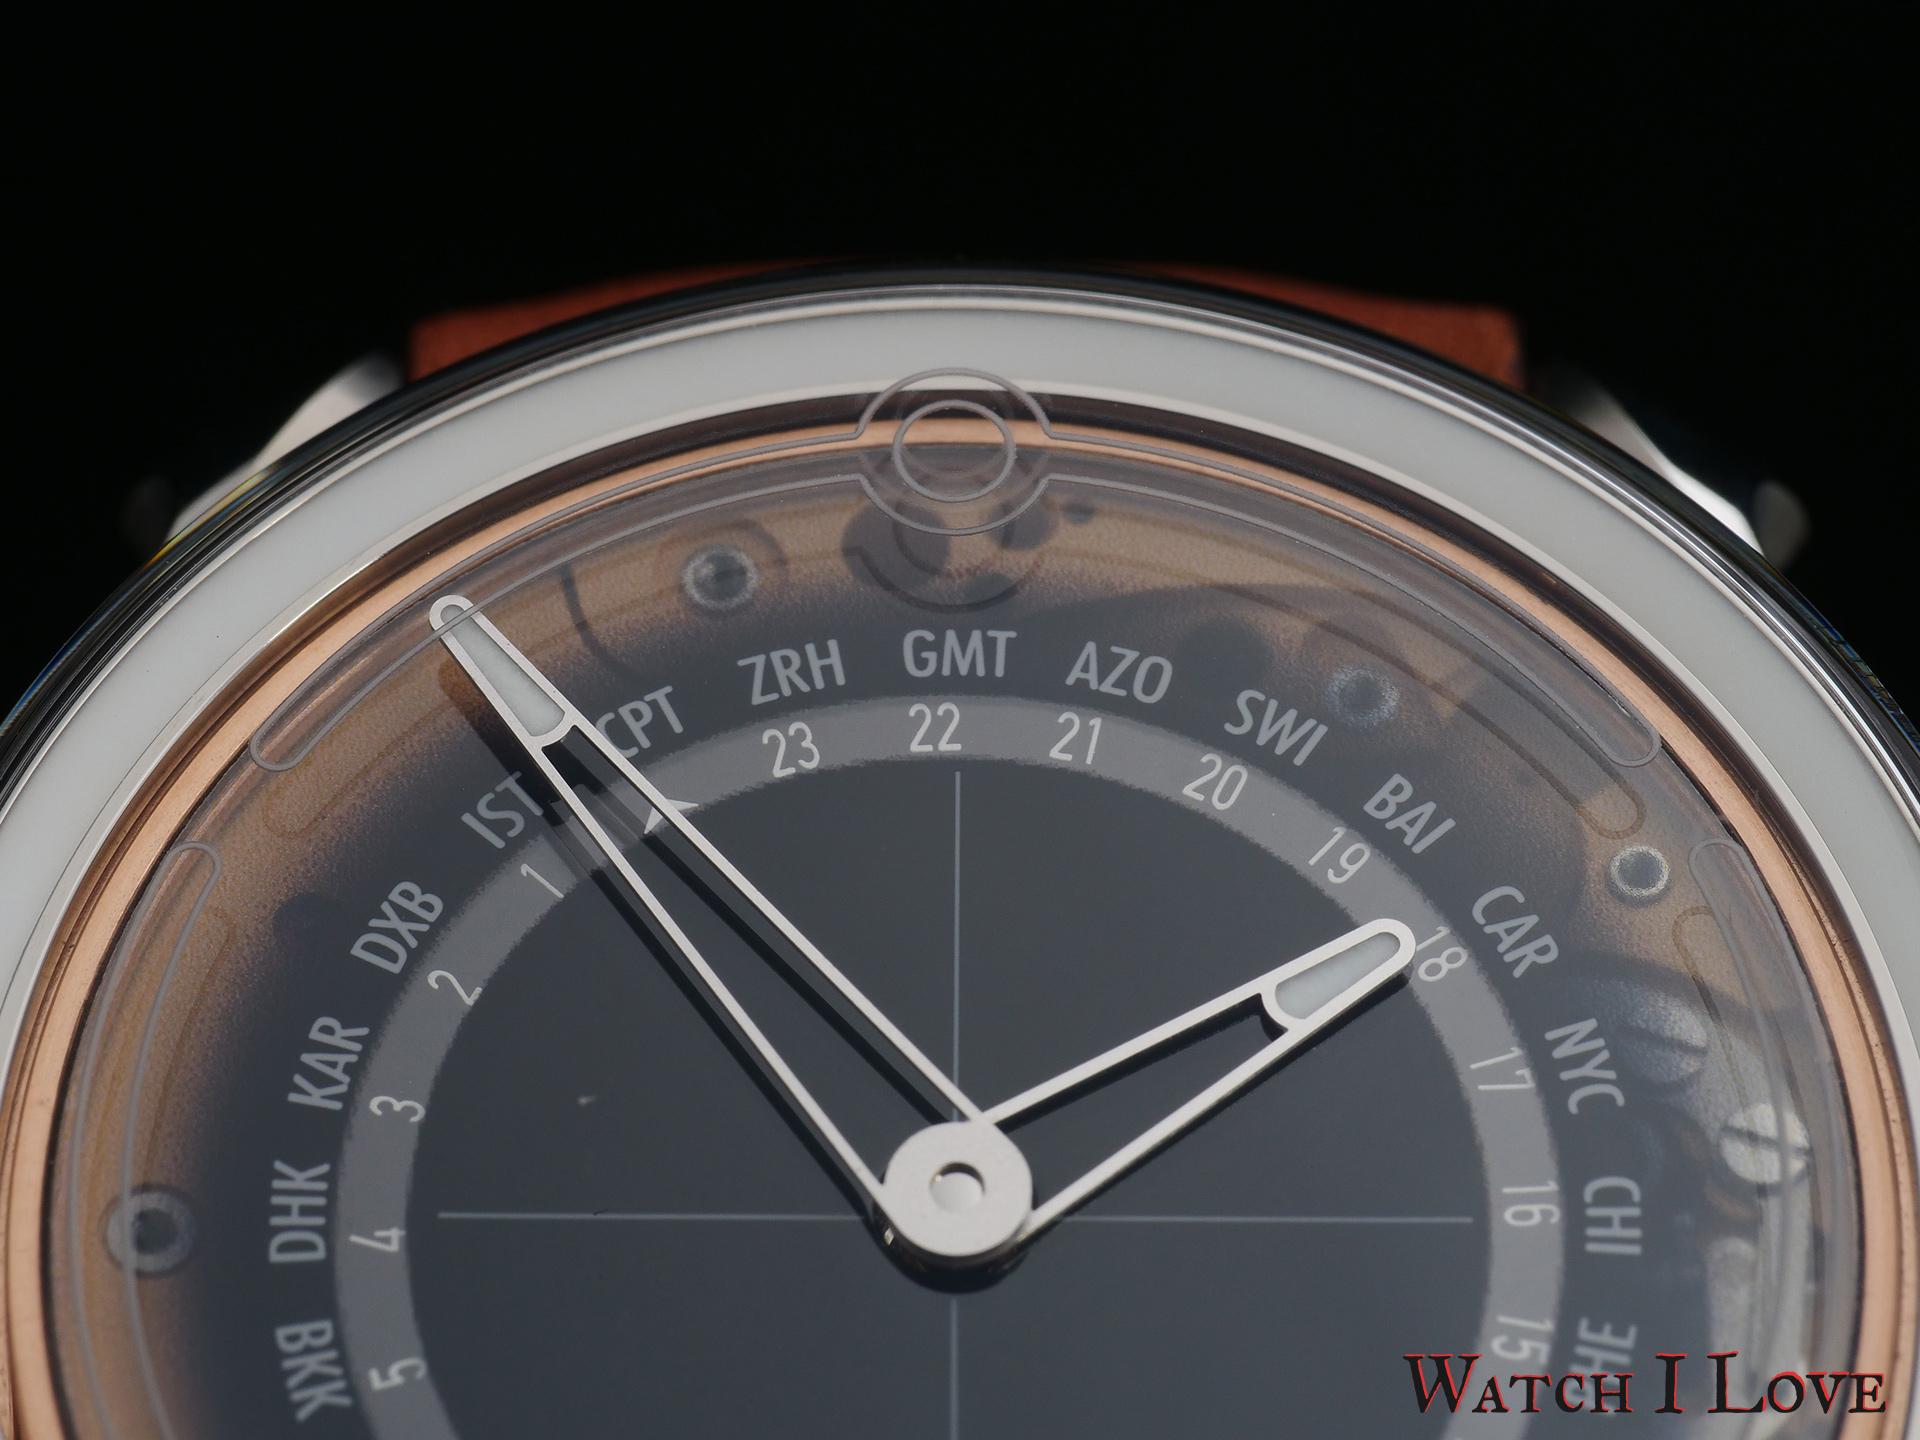 MING 19.02 Worldtimer dial detail 12 o'clock